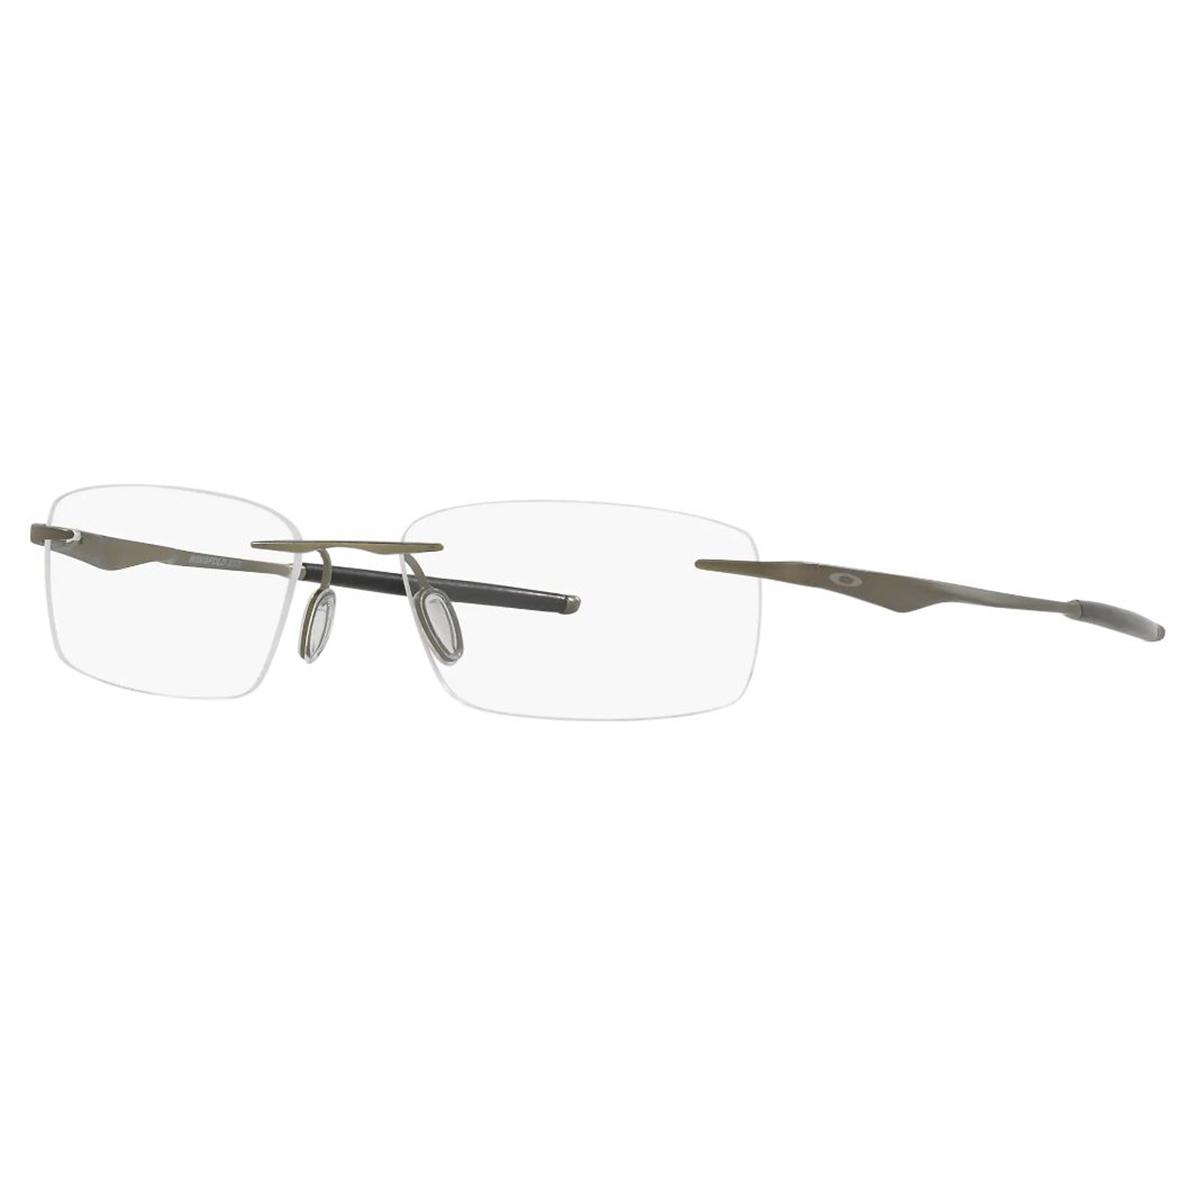 Óculos de Grau Parafusado Oakley OX5118 Wingfold Evr Cinza Fosco